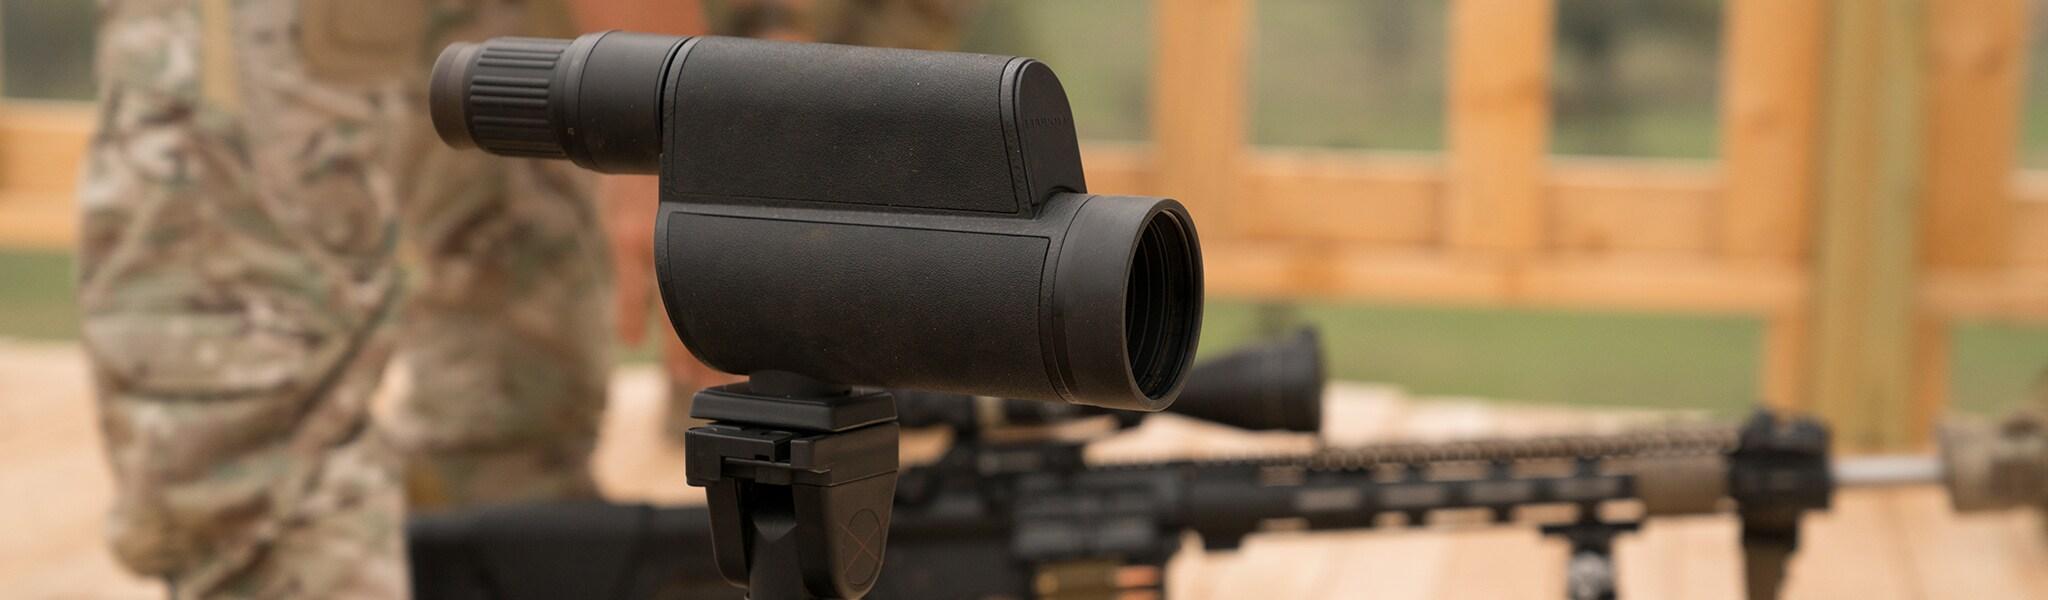 spotting scopes lifestyle